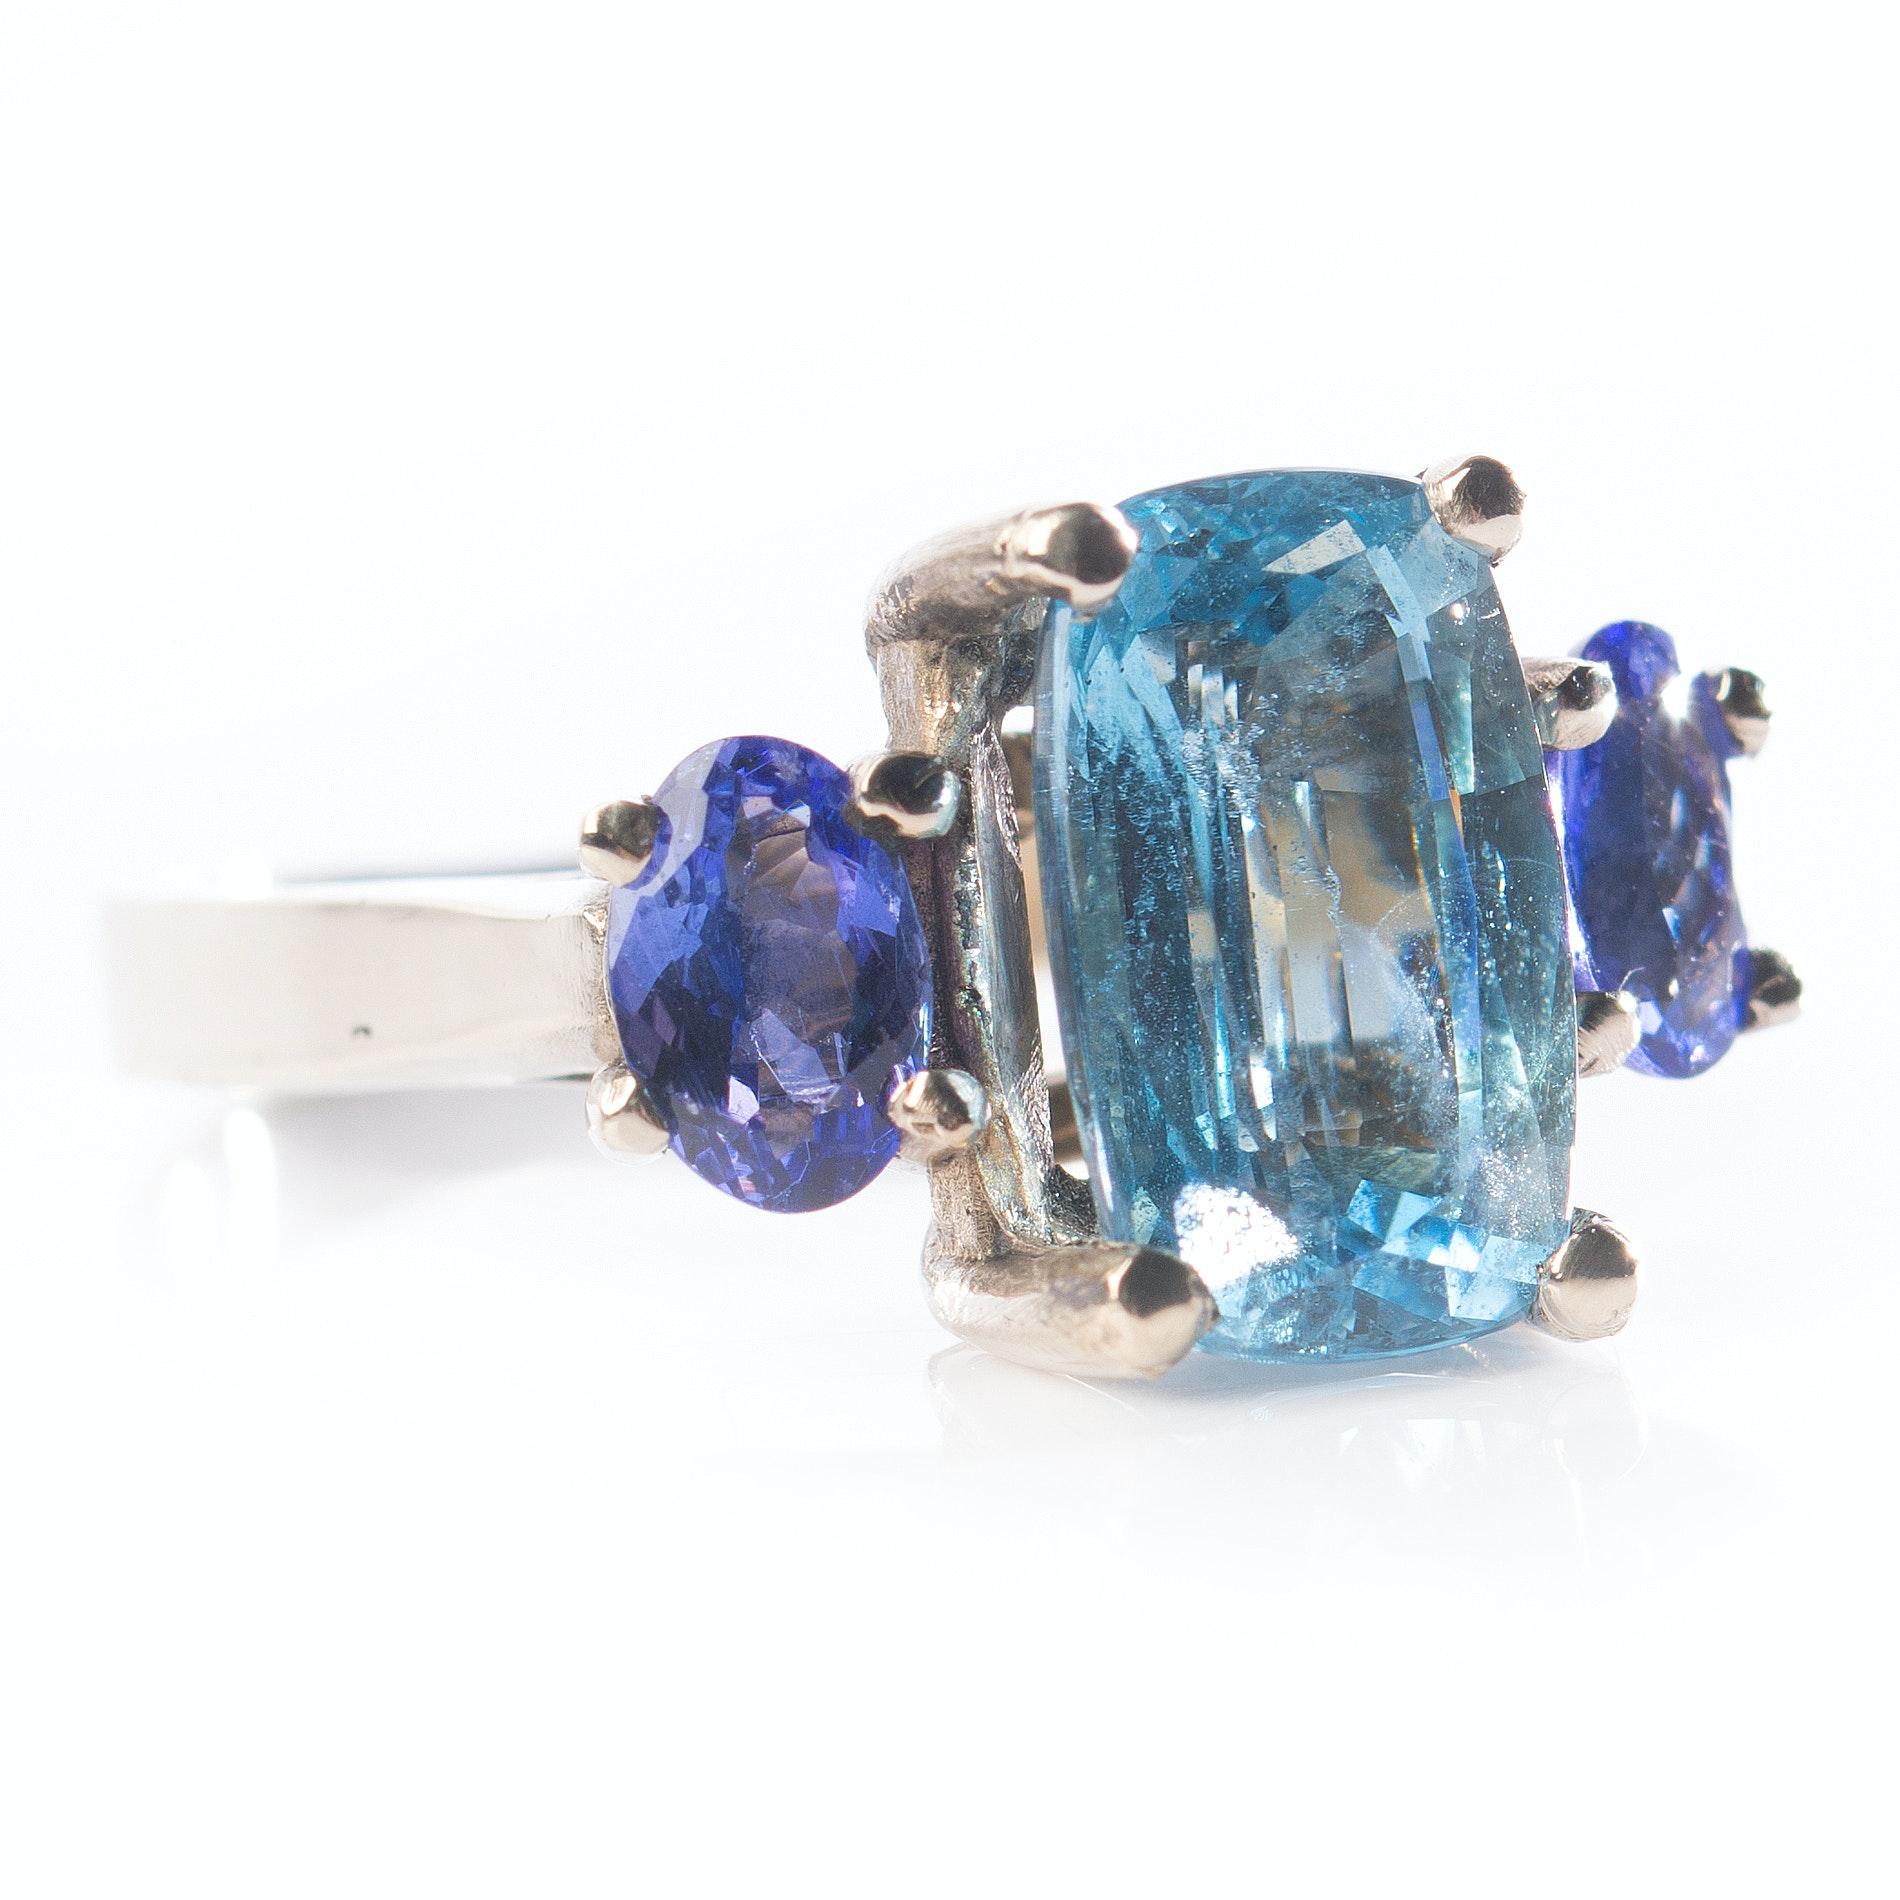 14K White Gold Aquamarine and Tanzanite Ring